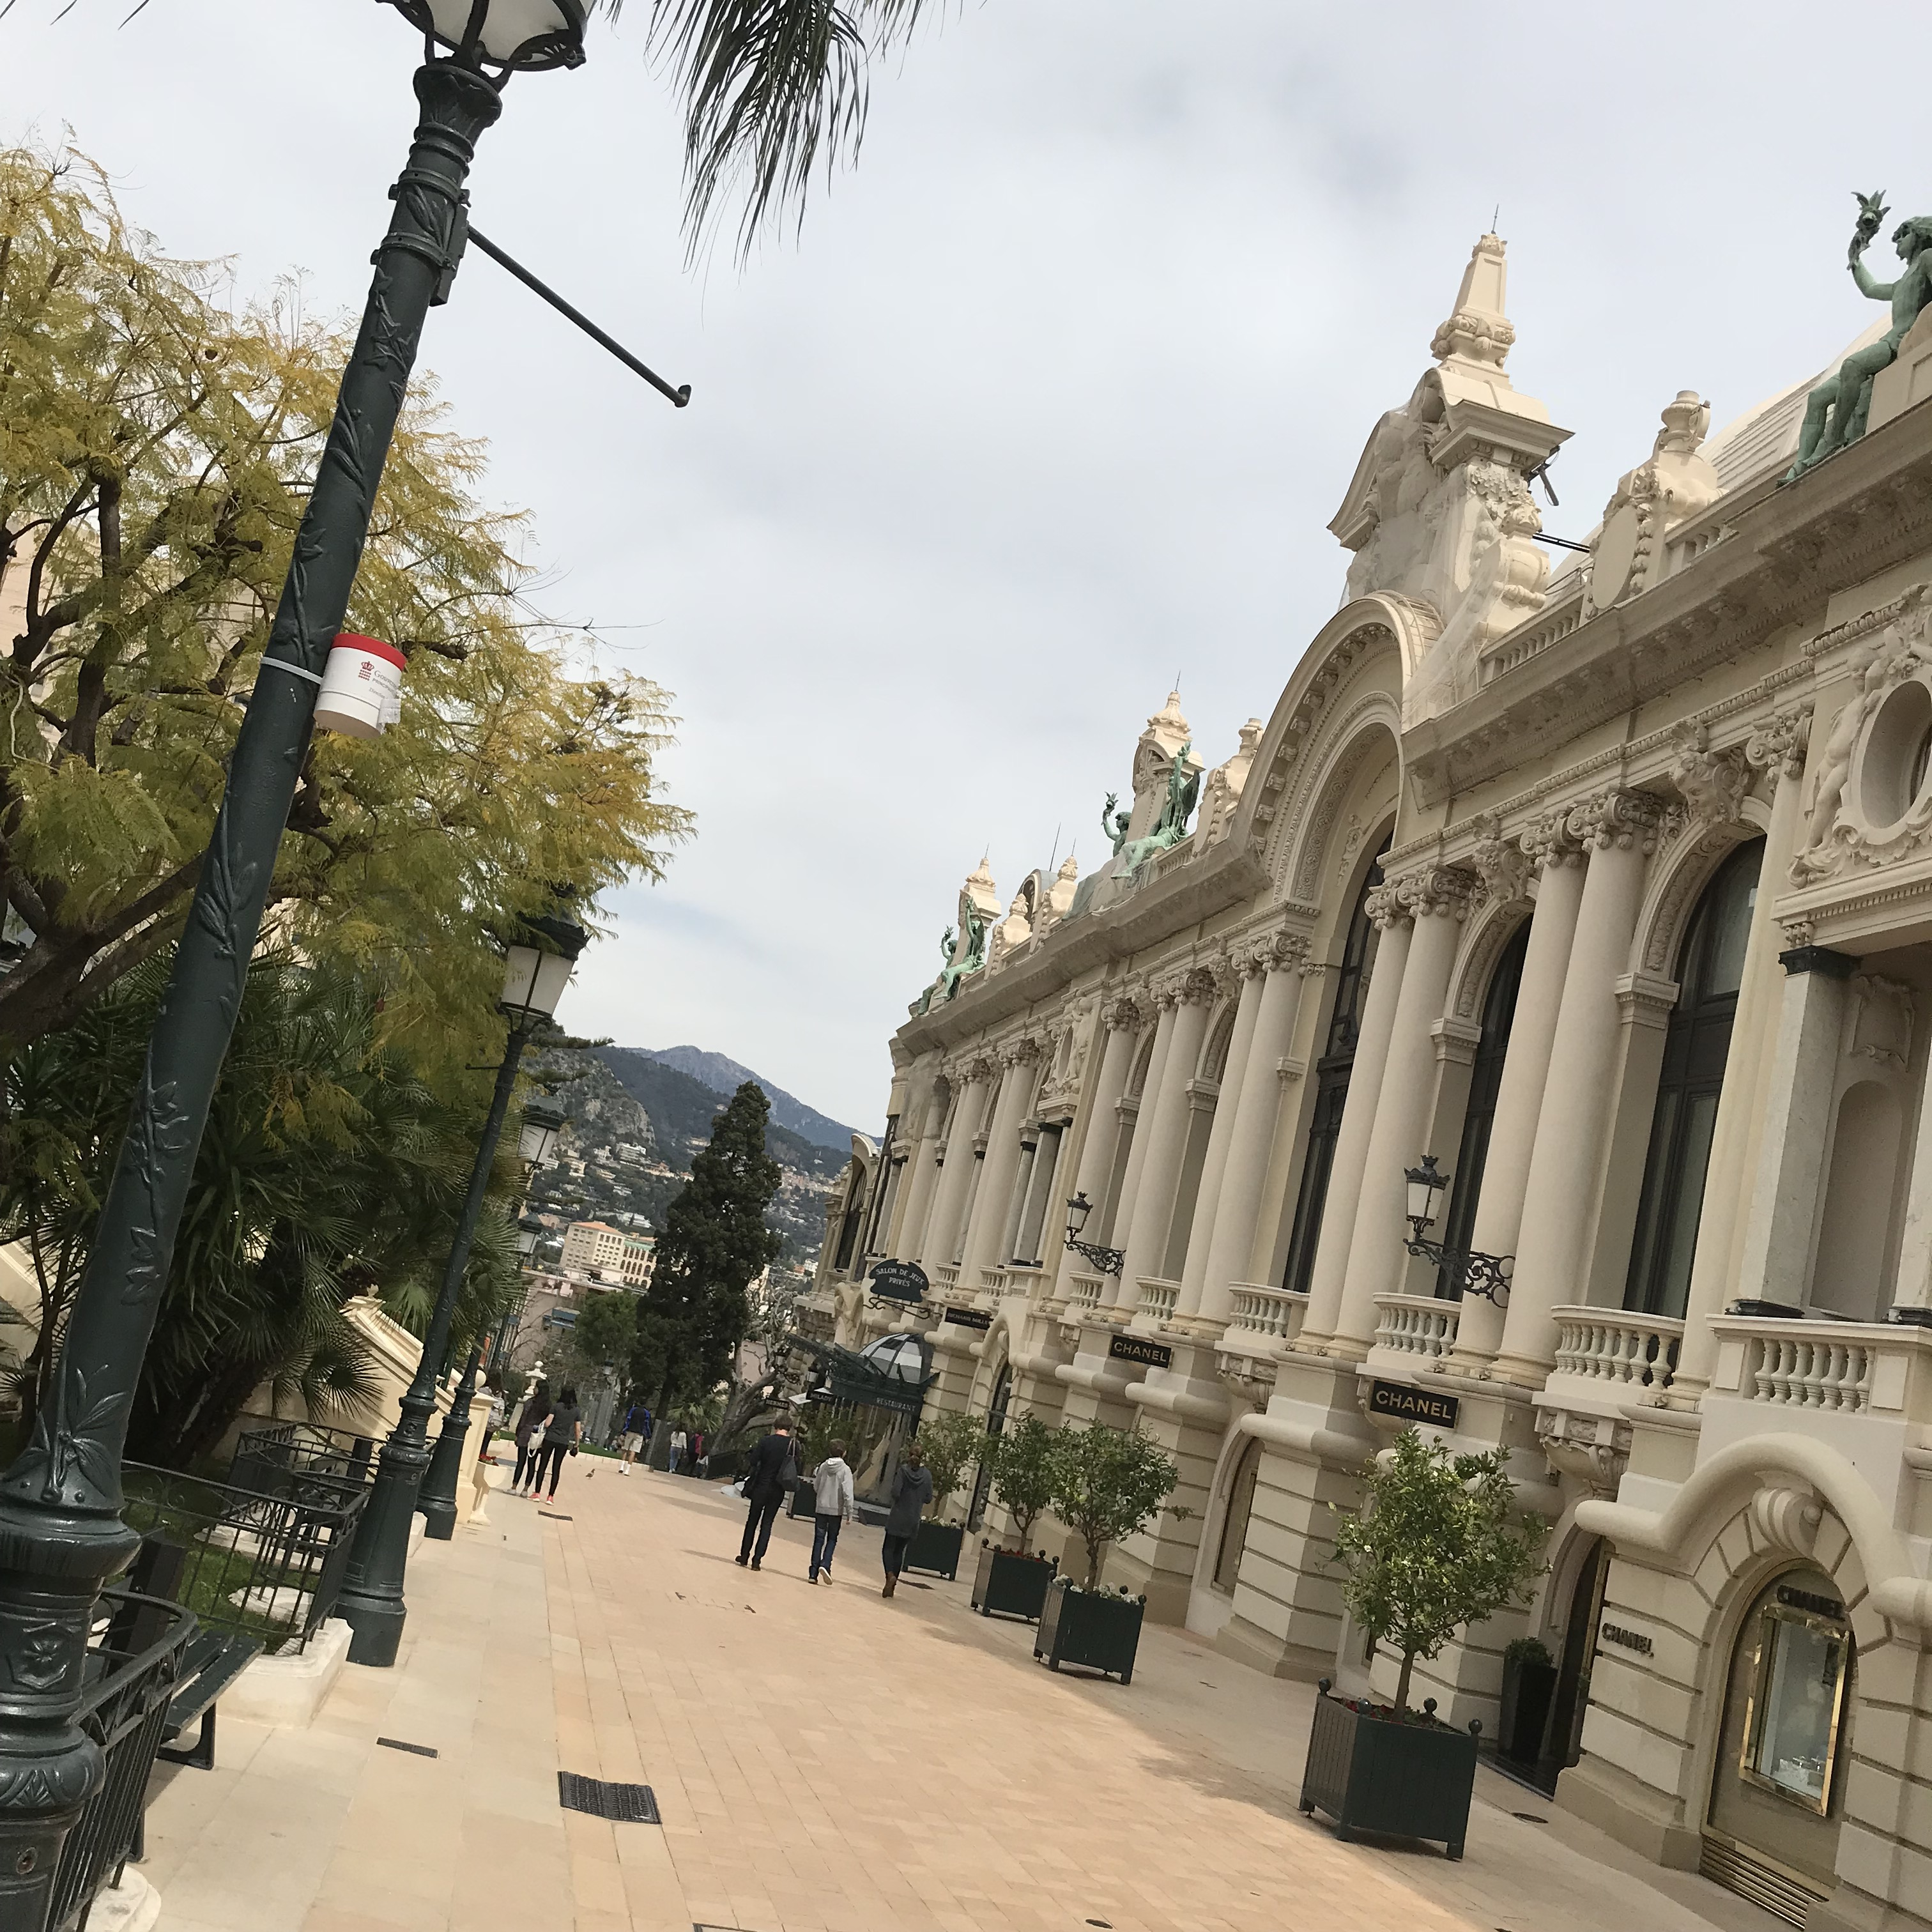 Monte carlos designer shops